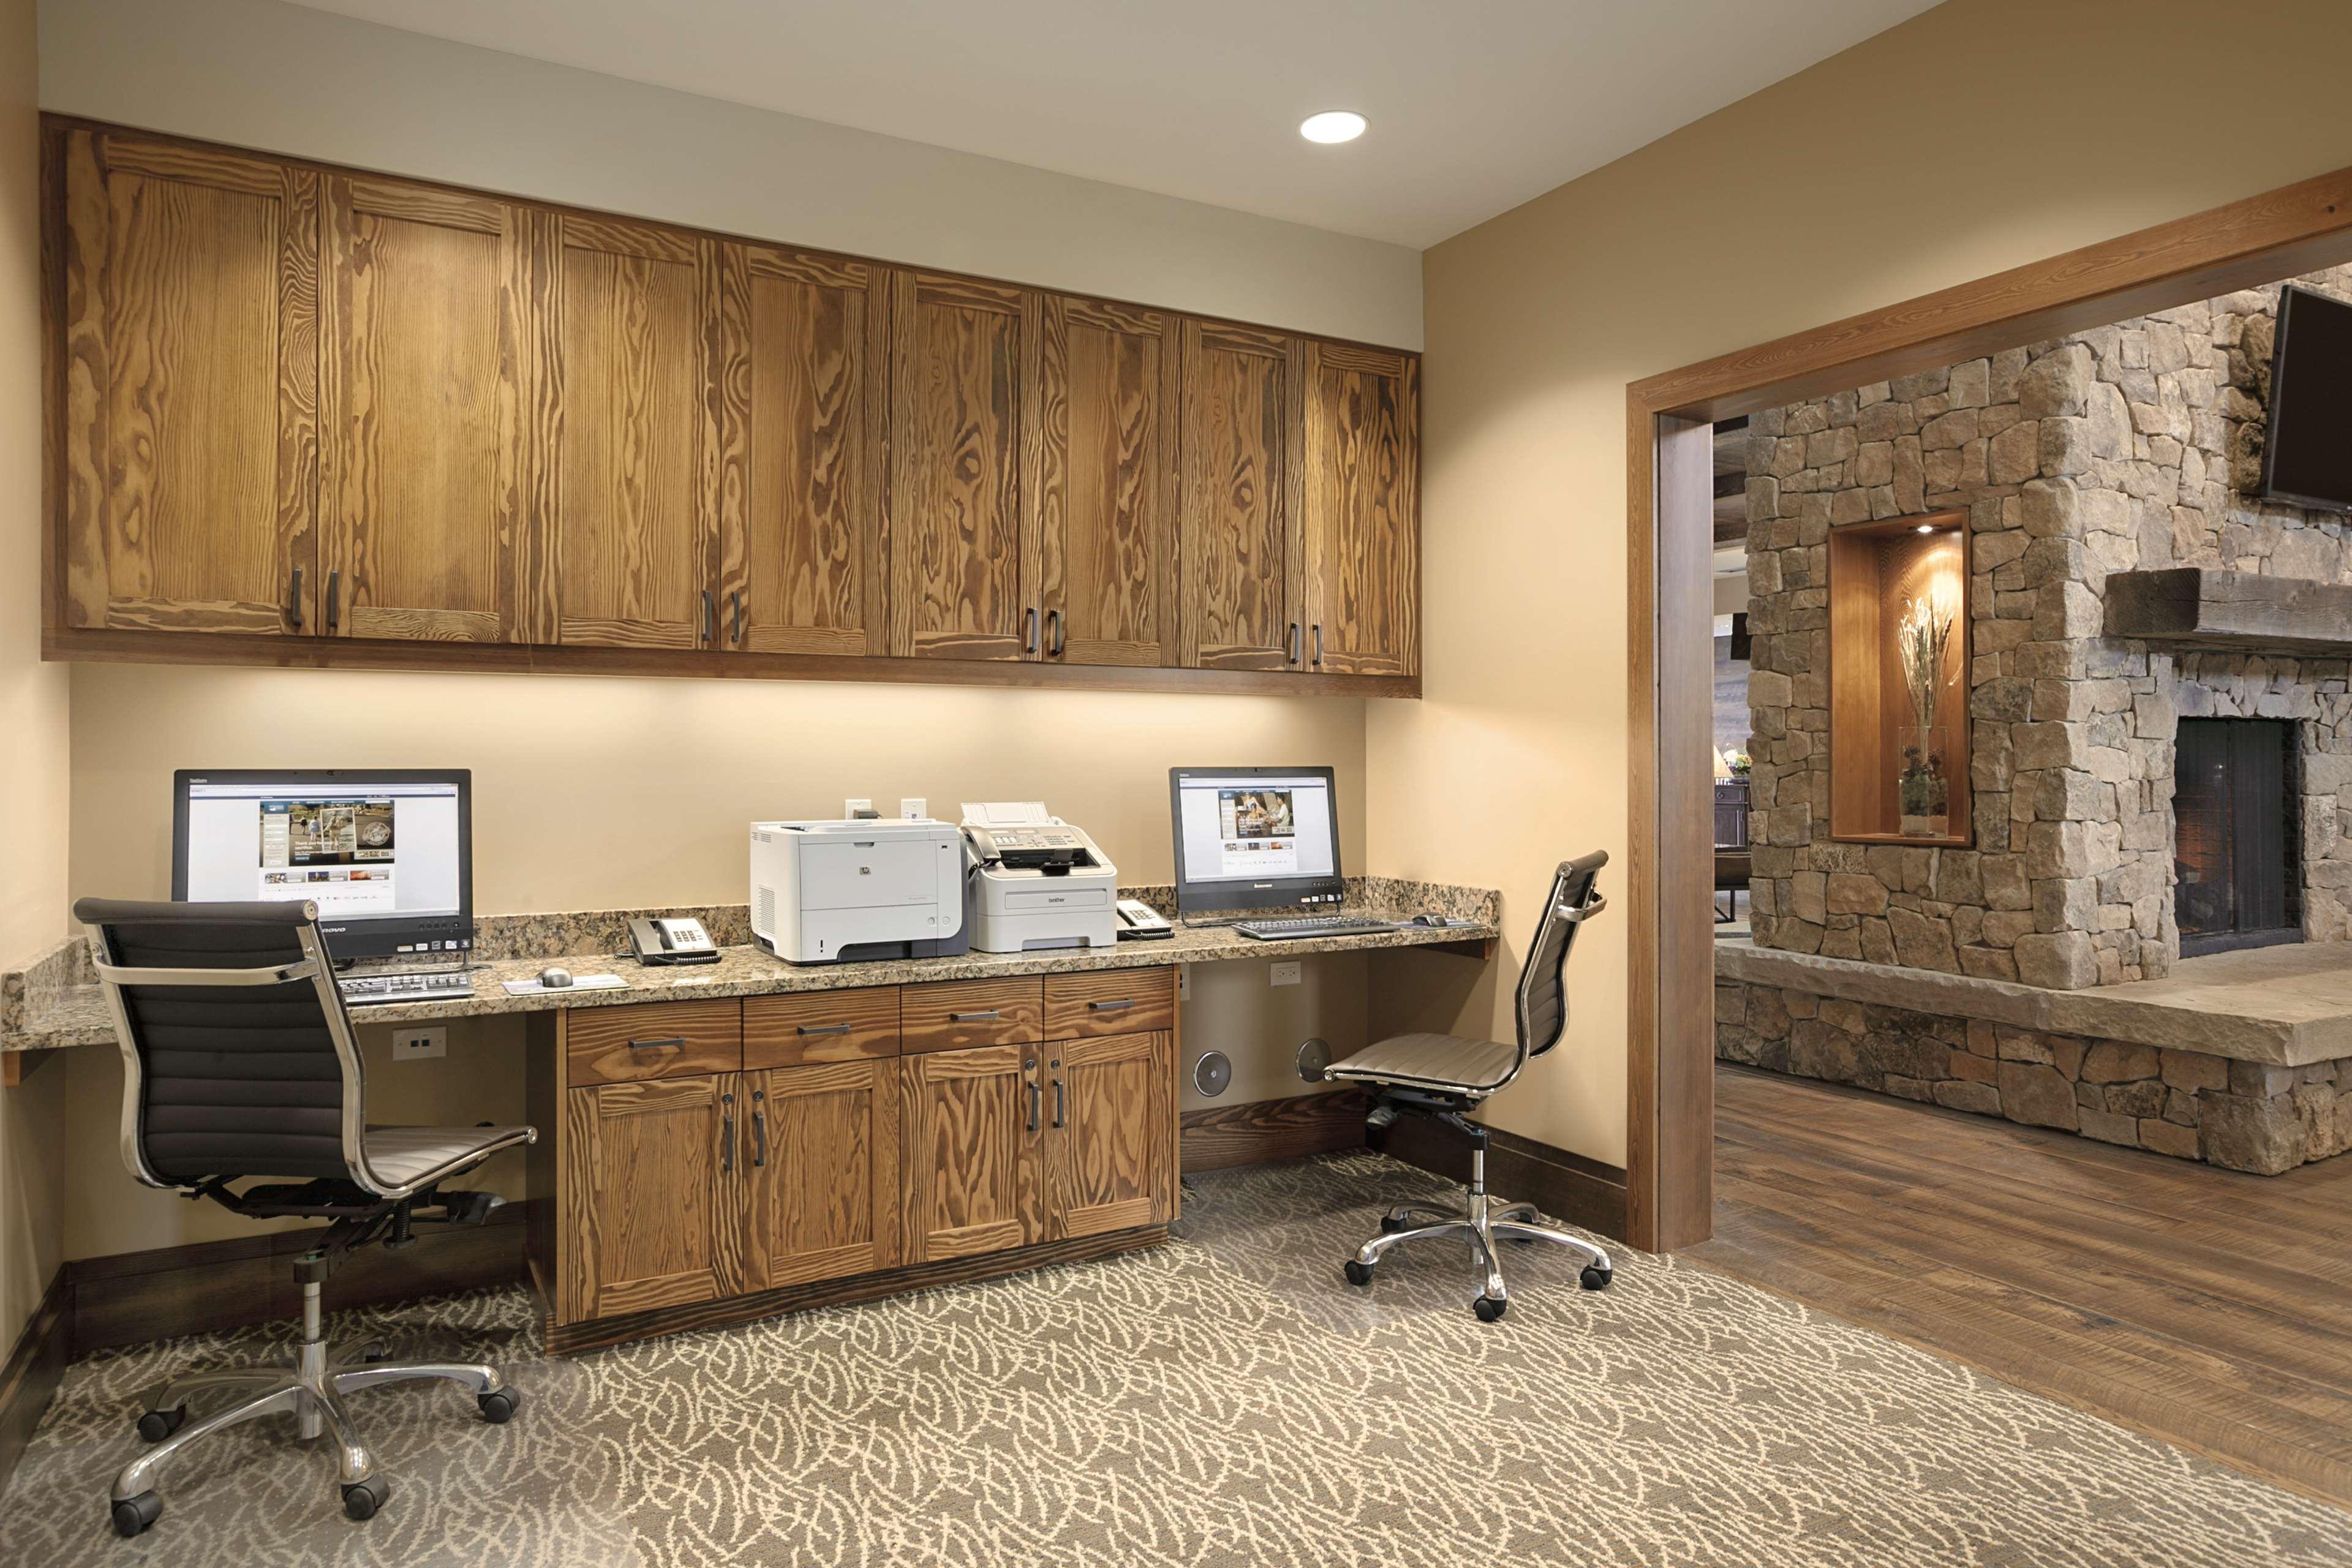 Homewood Suites by Hilton Kalispell, MT image 24